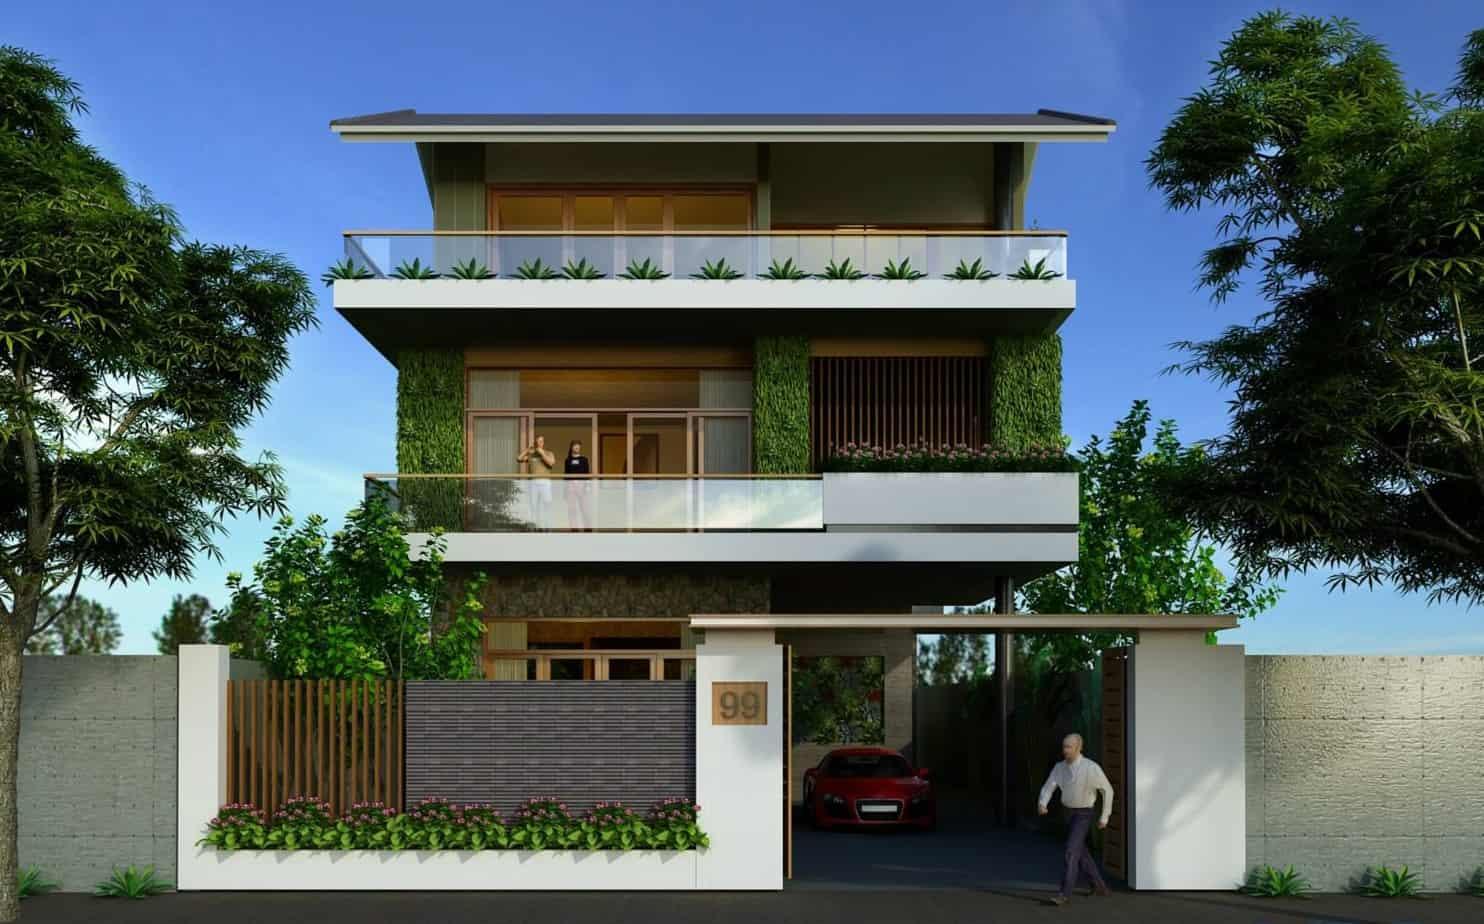 Ngôi nhà được thiết kế theo kiểu tầng trệt với những chi tiết tinh tế, độc đáo